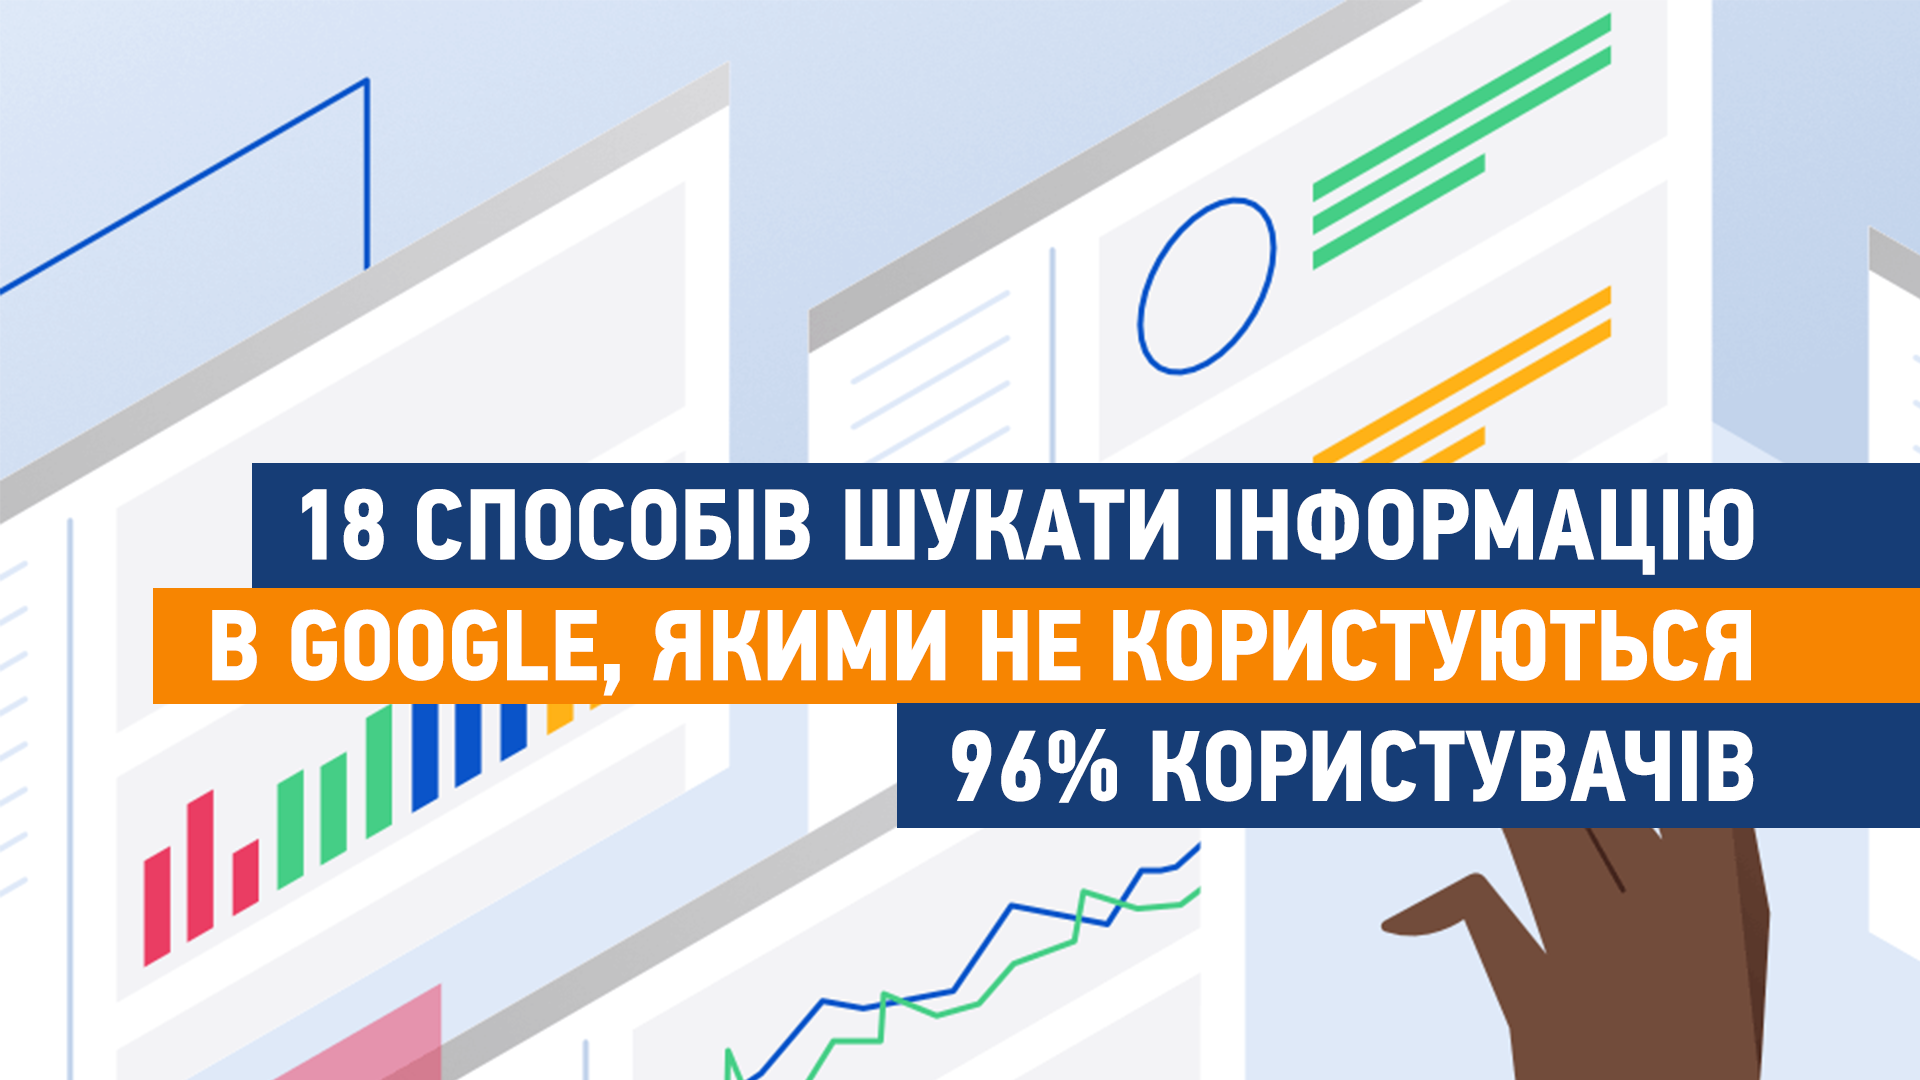 18 способів шукати інформацію в Google, якими не користуються 96% користувачів